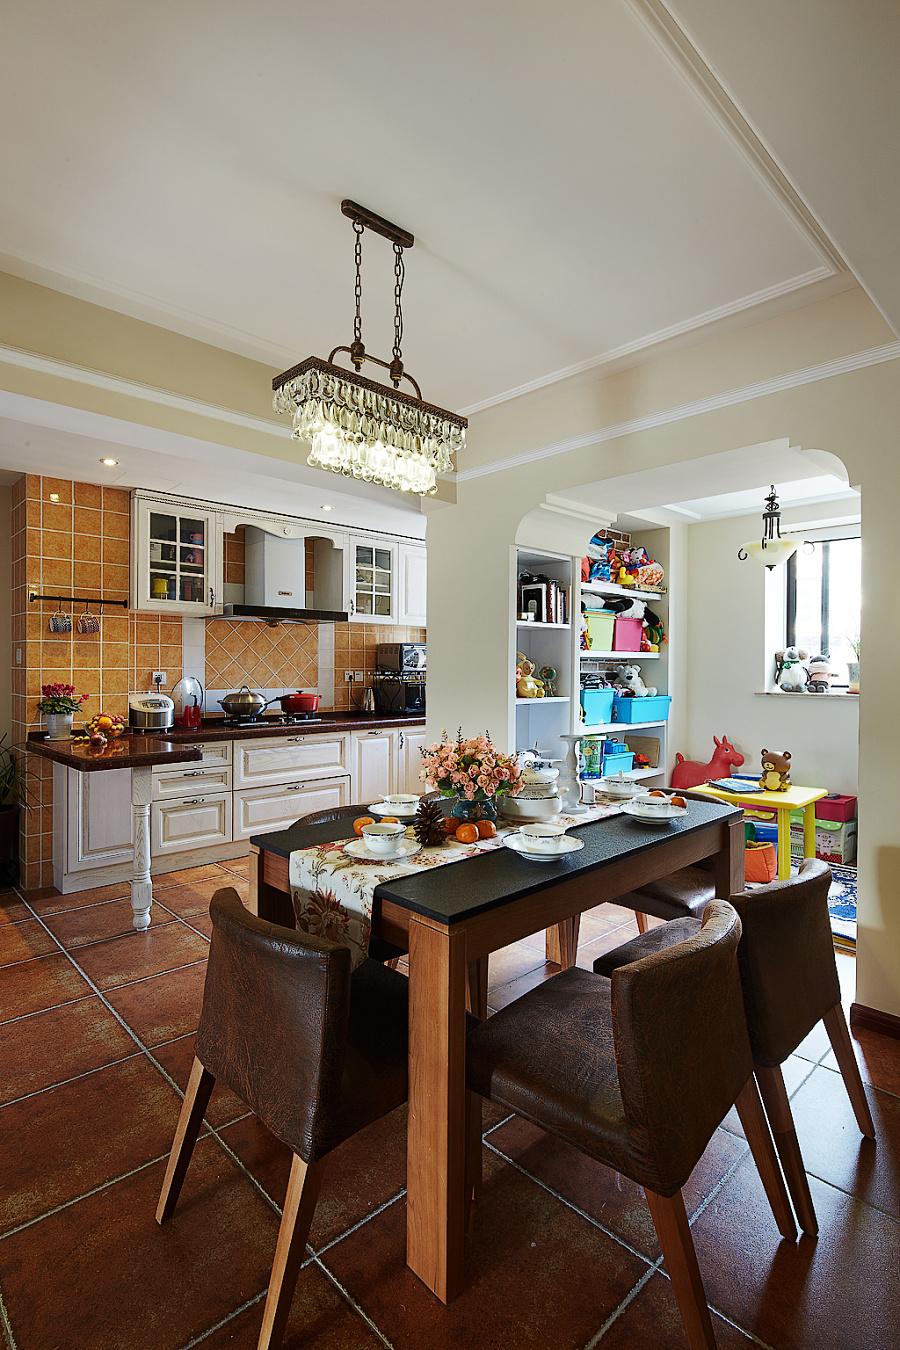 欢乐易家|成都装修设计|住宅设计|现代简约|极简风格|装修设计公司|美